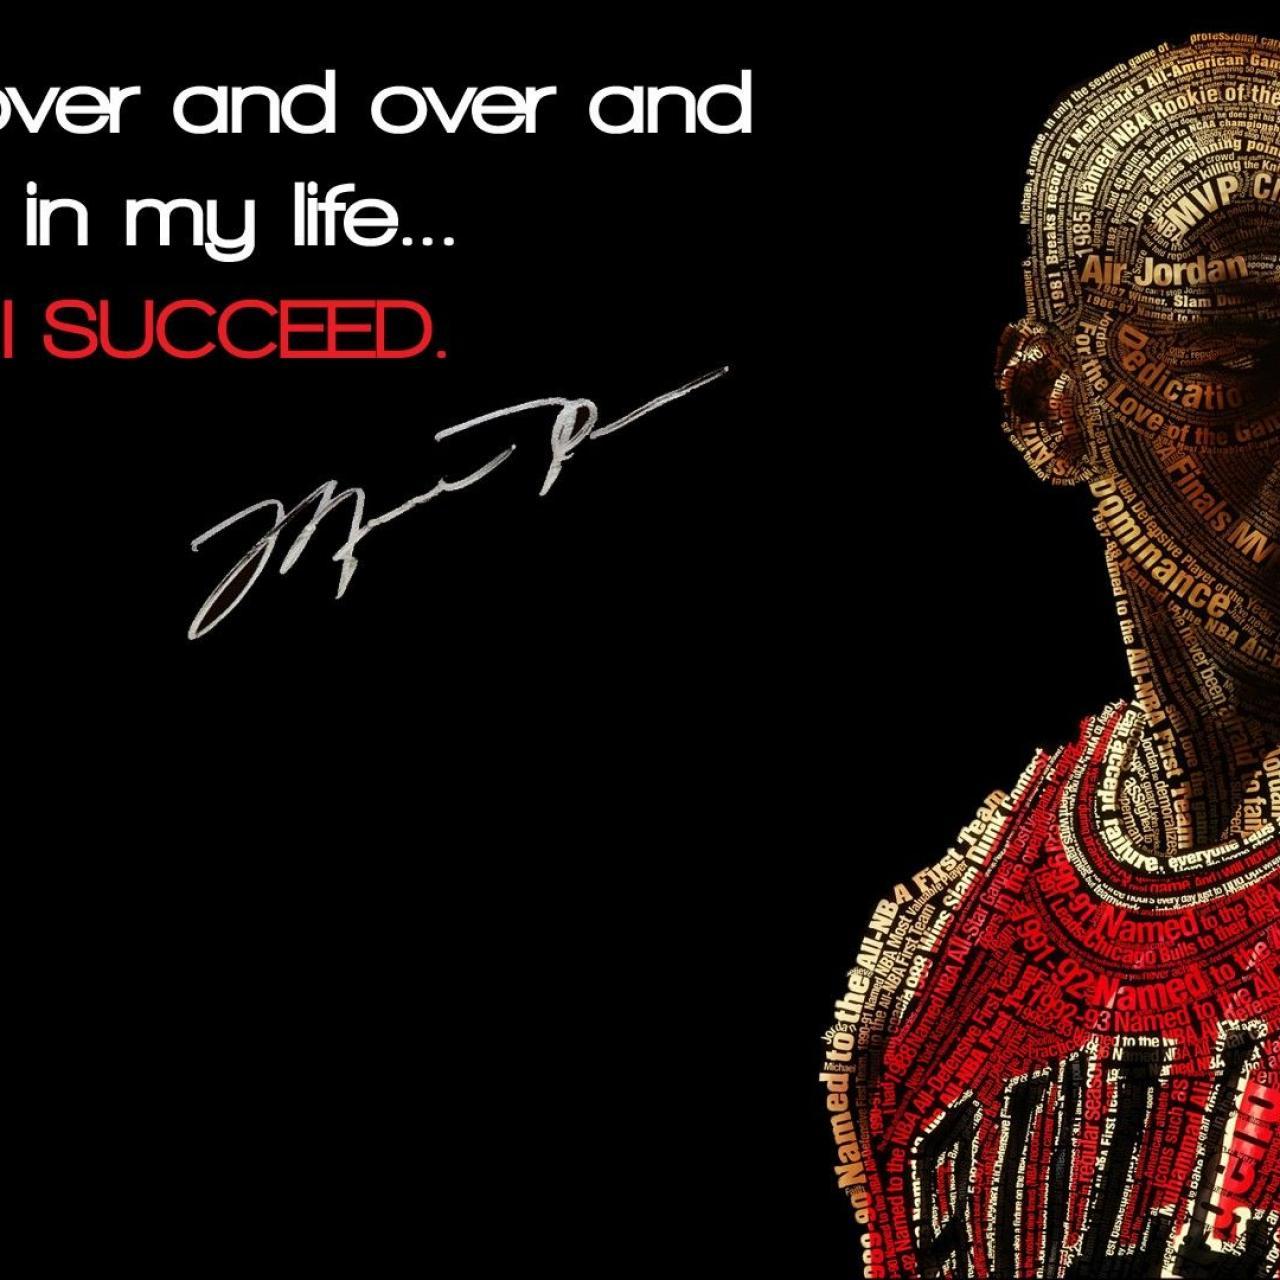 [49+] Michael Jordan Screensavers Wallpaper On WallpaperSafari